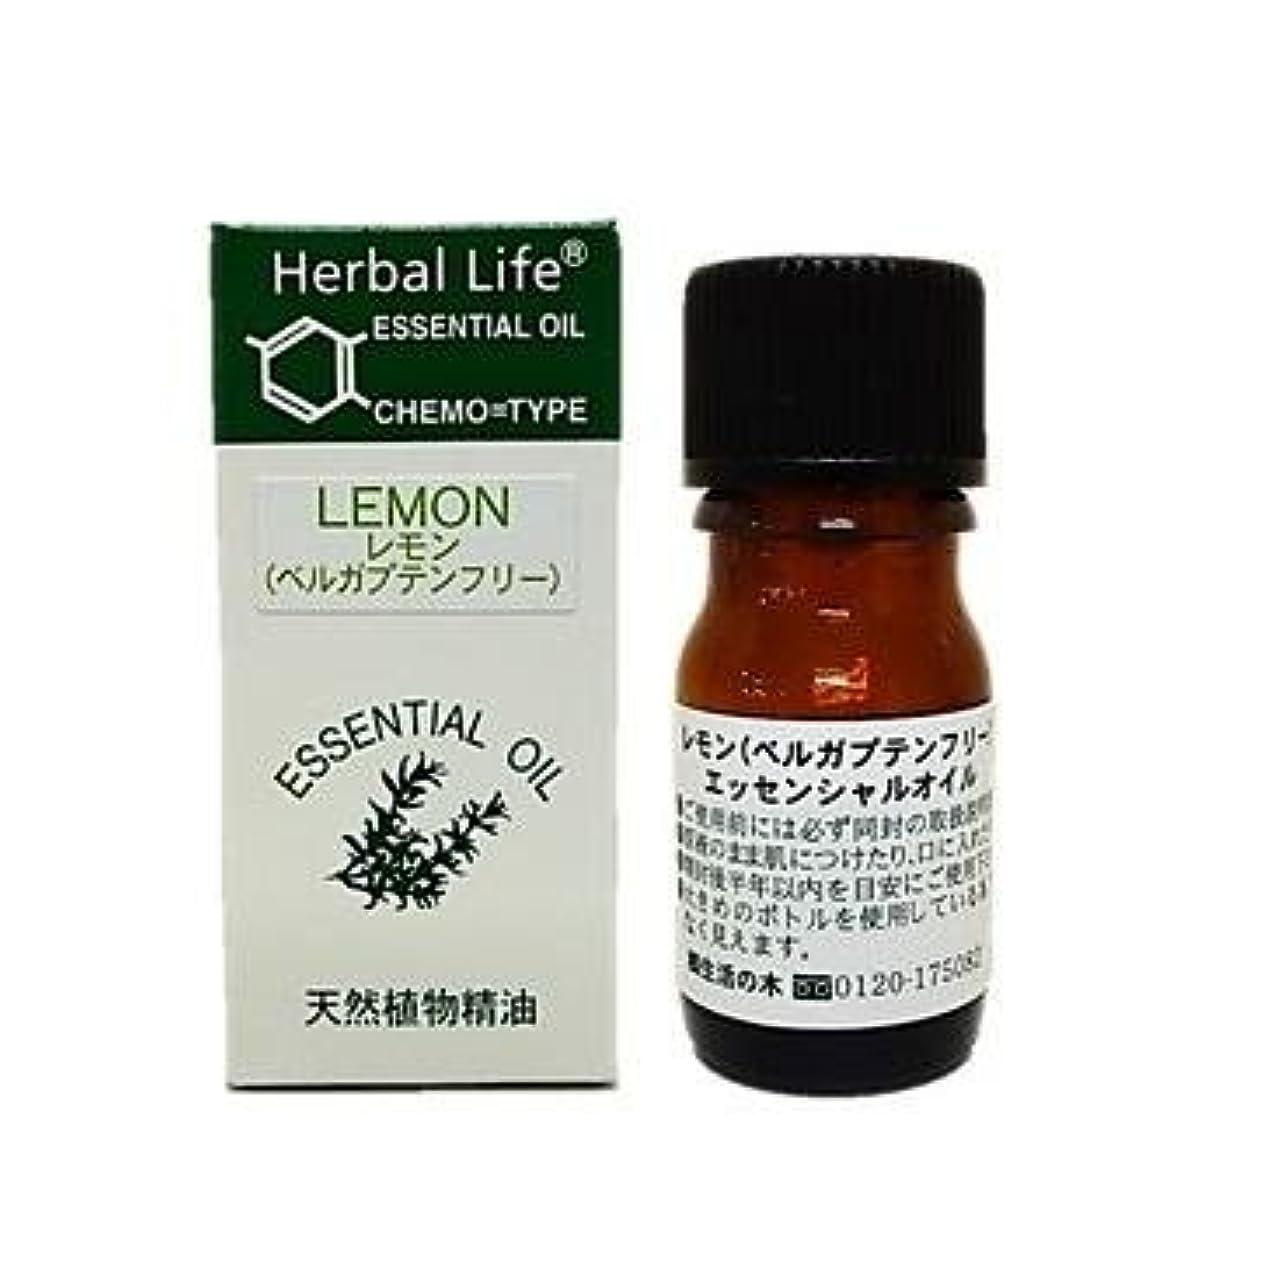 エチケットために強います生活の木 レモン(フロクマリンフリー)3ml エッセンシャルオイル/精油